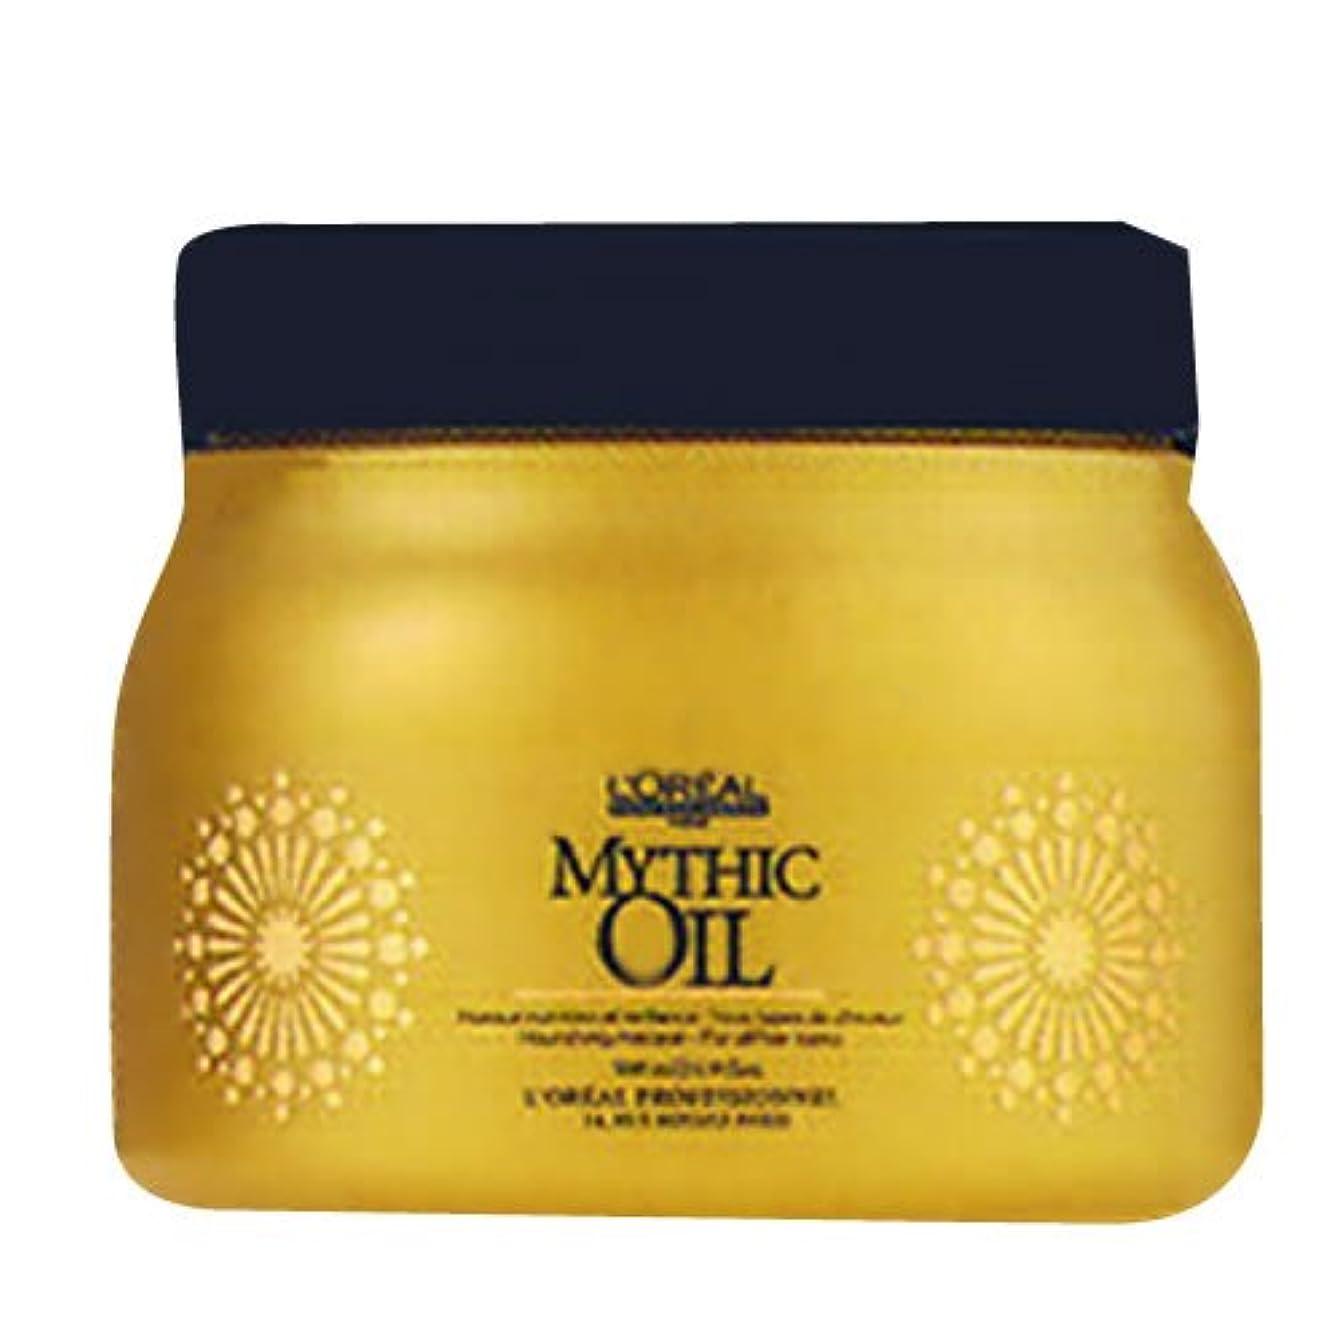 番目中世の資産ロレアル ミシックオイル マスク <500g> LOREAL MYTHIC OIL